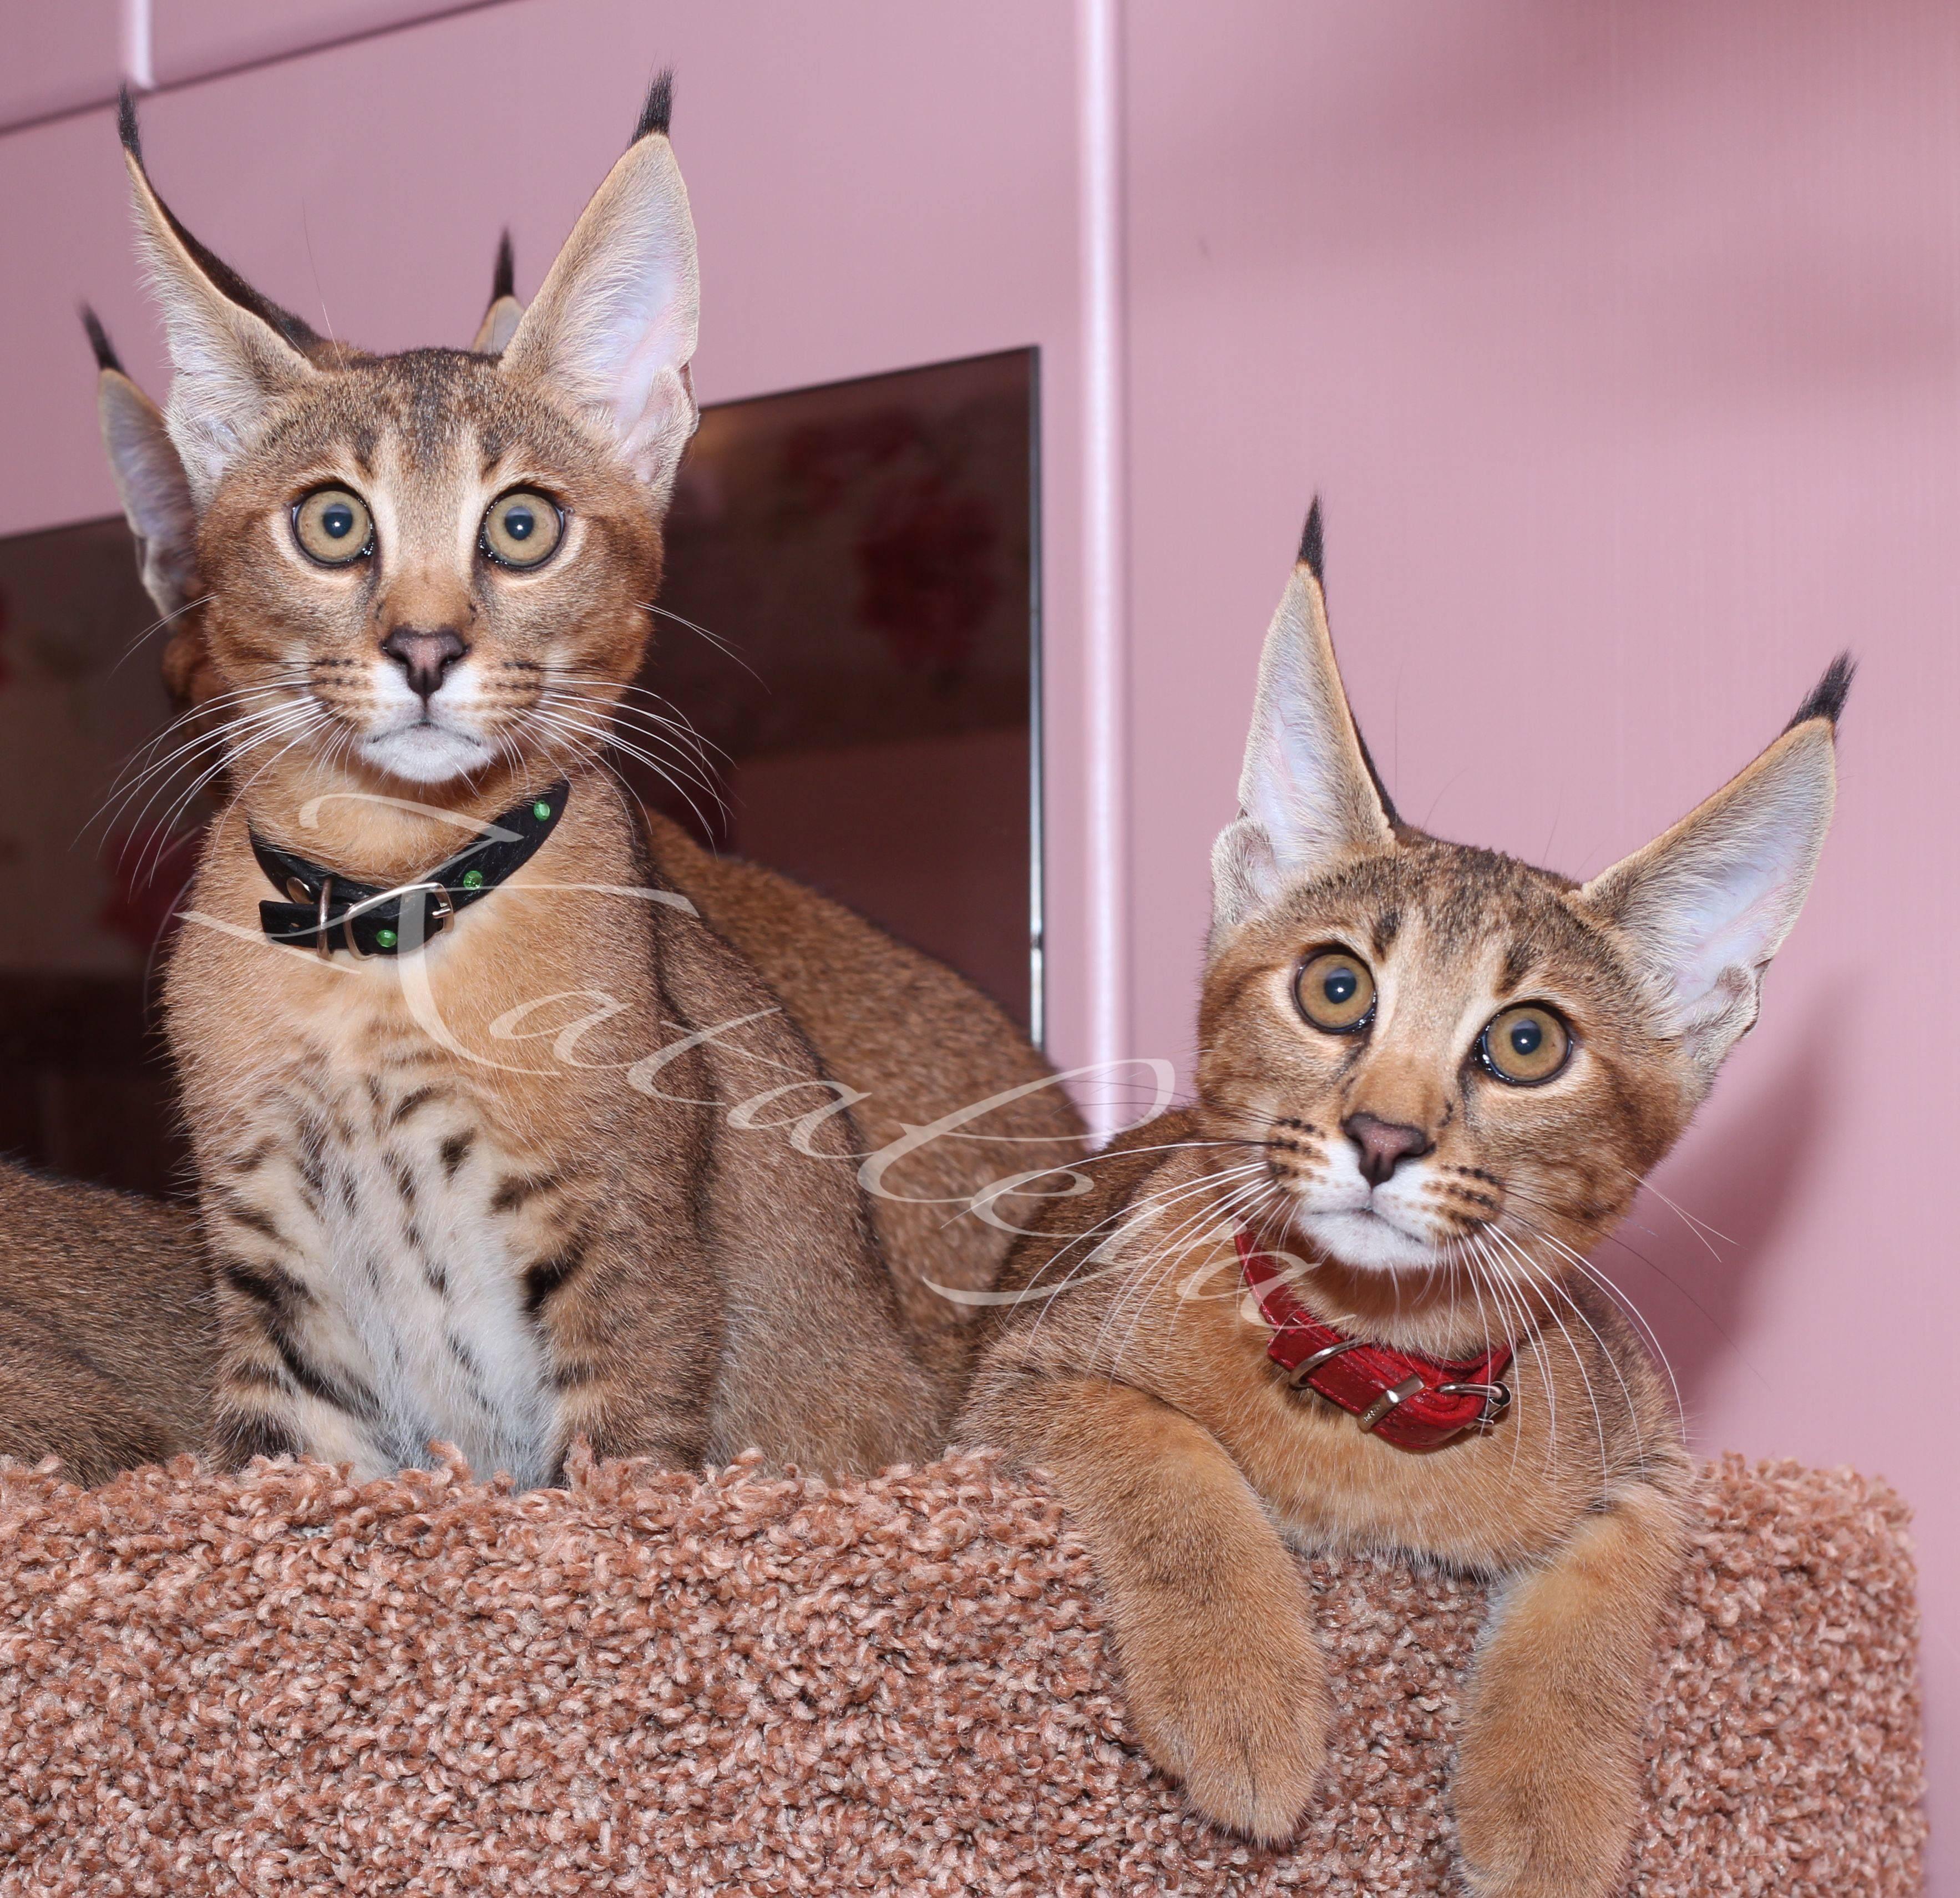 Кошка, похожая на рысь: как называется порода домашних котов с кисточками на ушах?